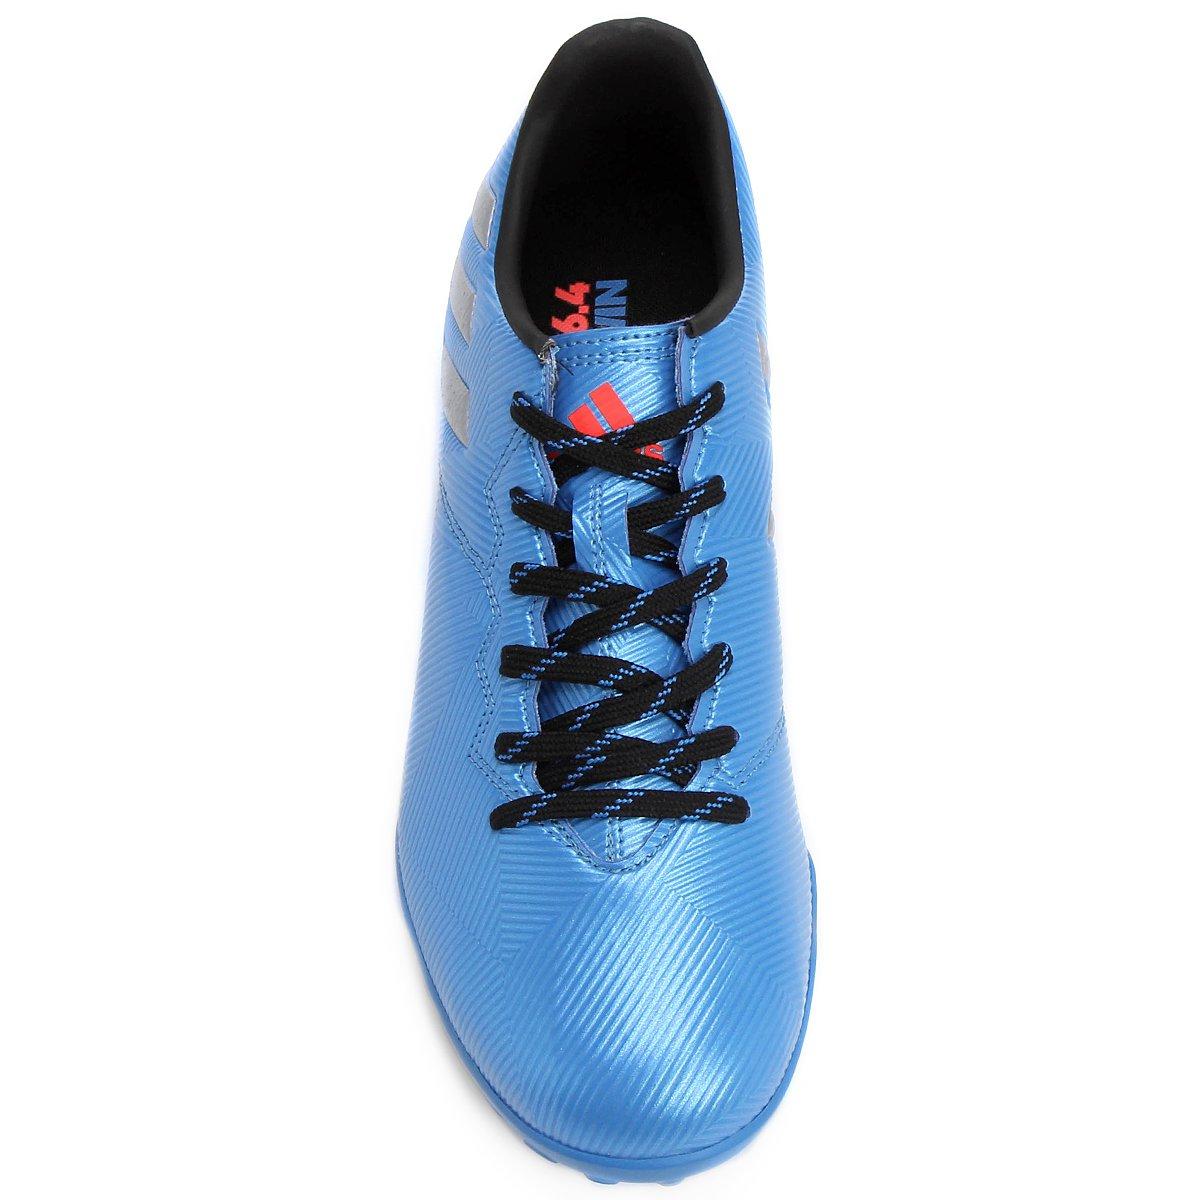 6d3ea37d12 Chuteira Society Adidas Messi 16 4 TF Masculina - Compre Agora ...